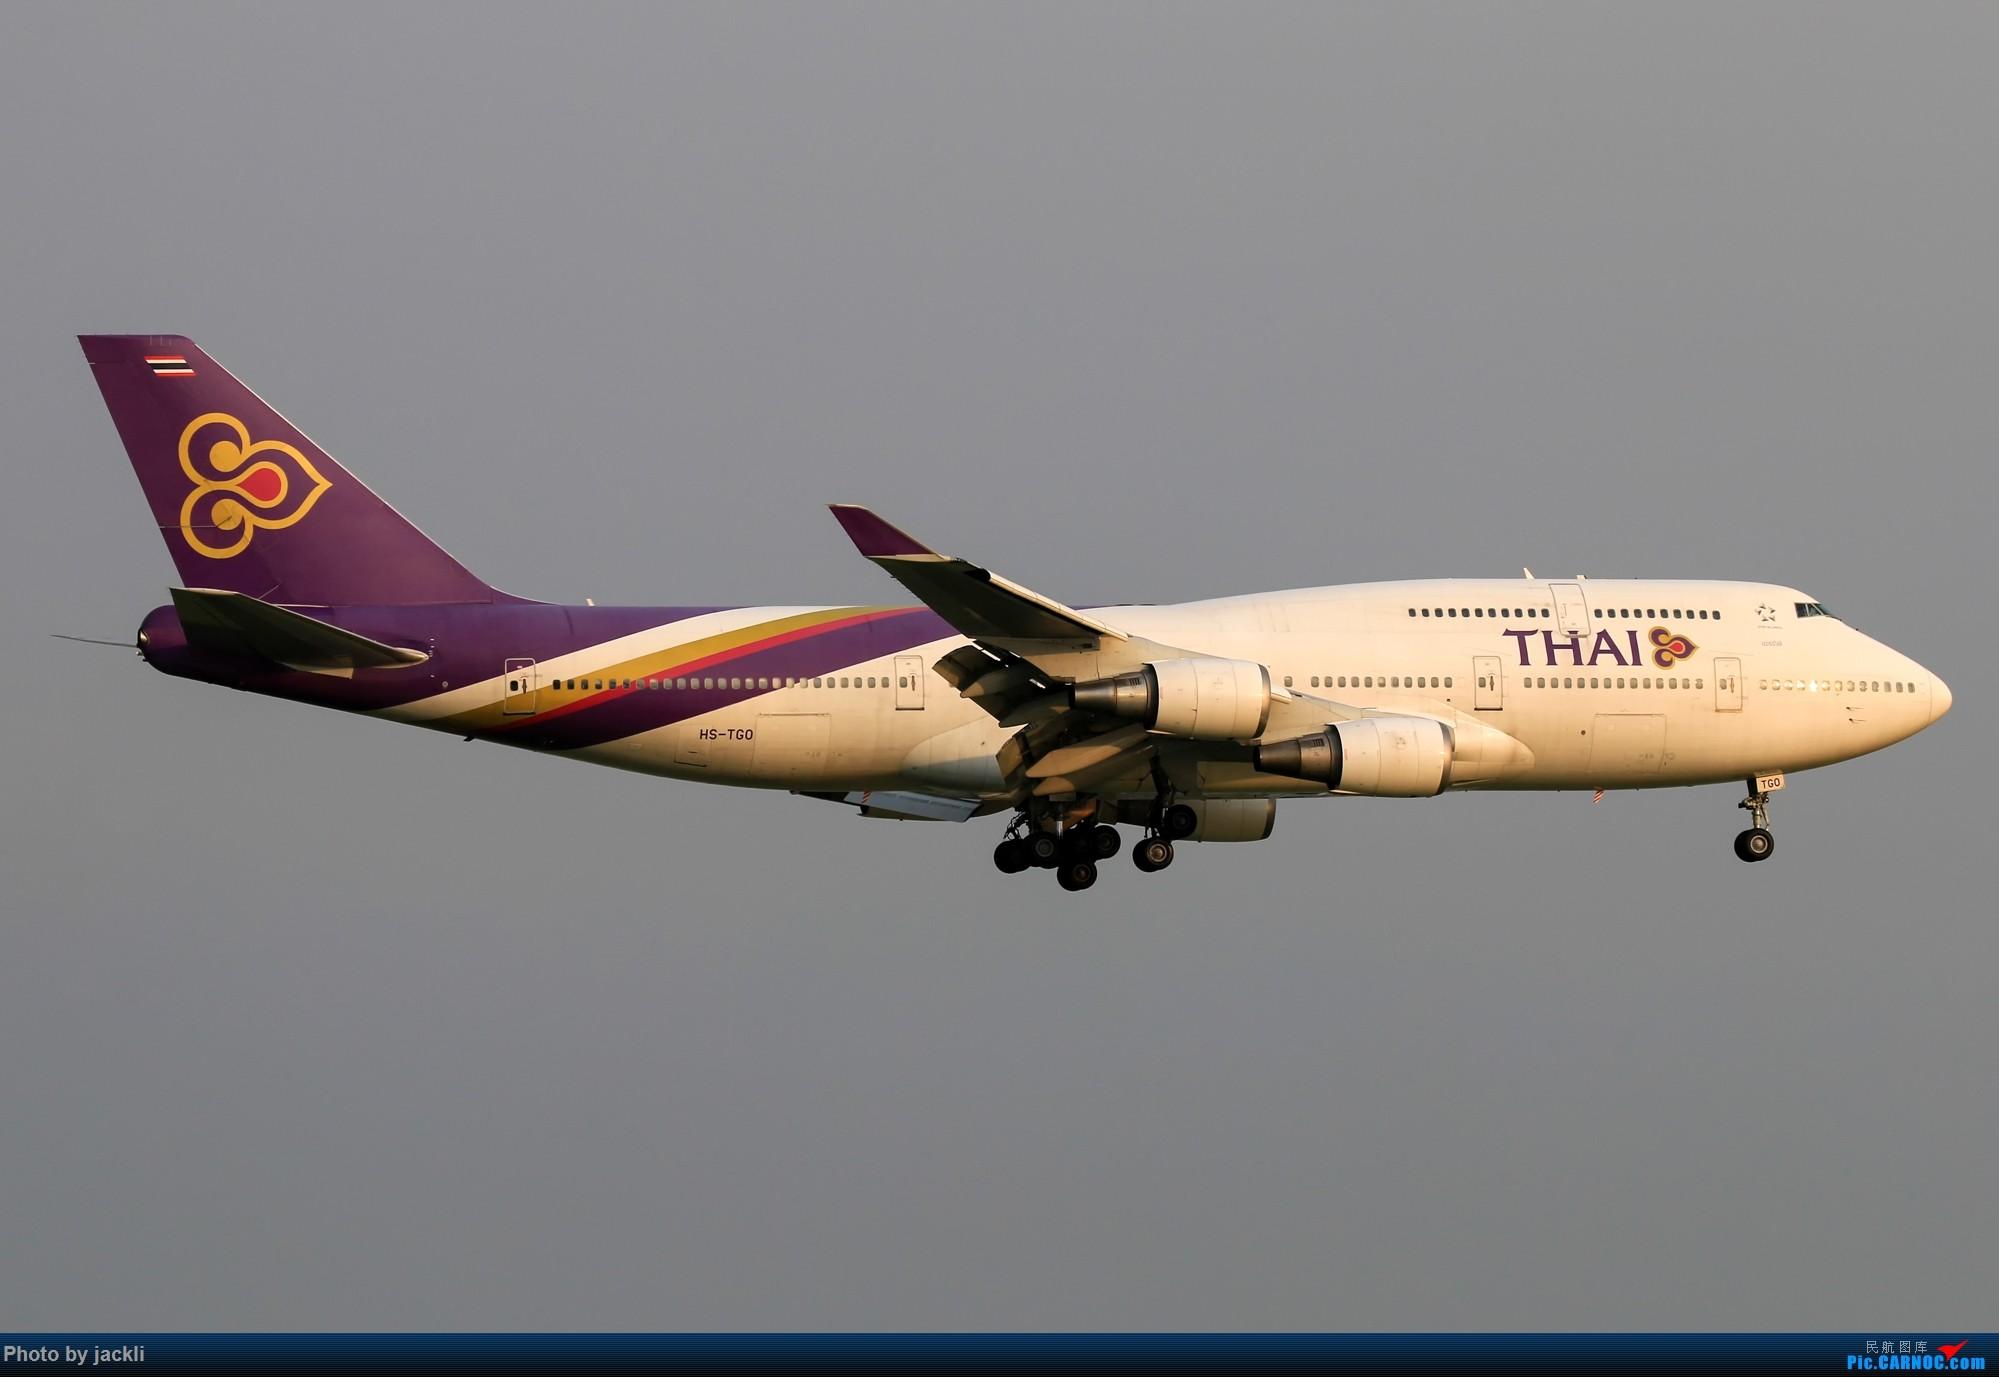 Re:[原创]【JackLi】泰国曼谷素万那普机场拍机~ BOEING 747-400 HS-TGO 泰国曼谷素万那普国际机场